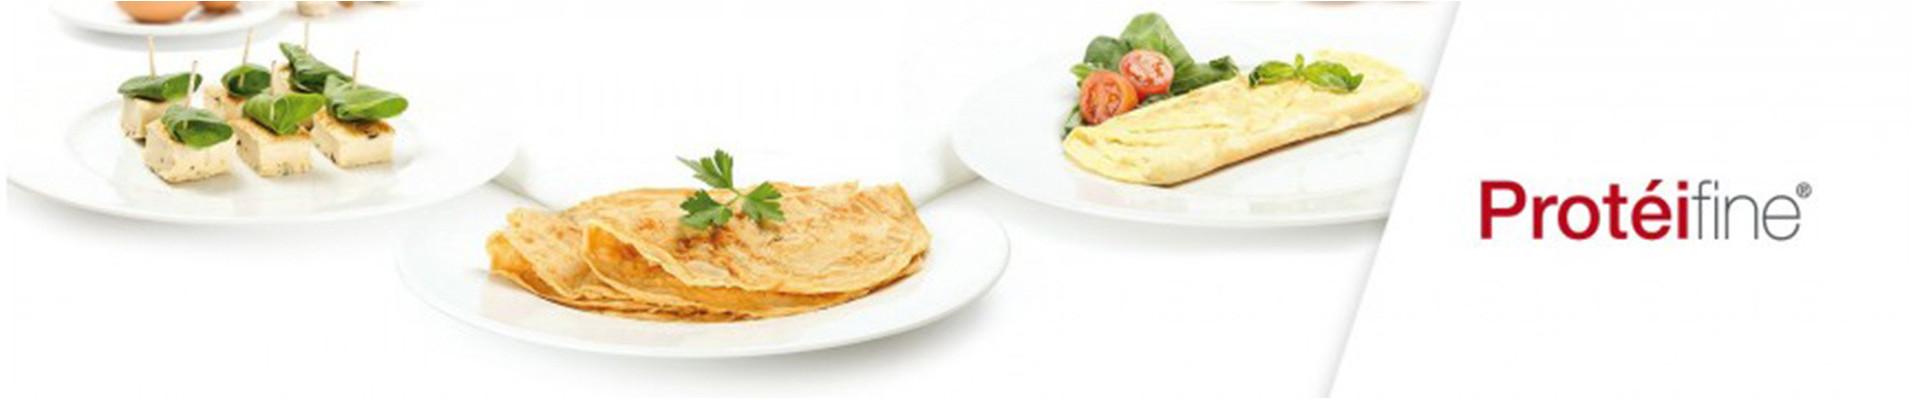 Omelettes et Crêpes Protéifine